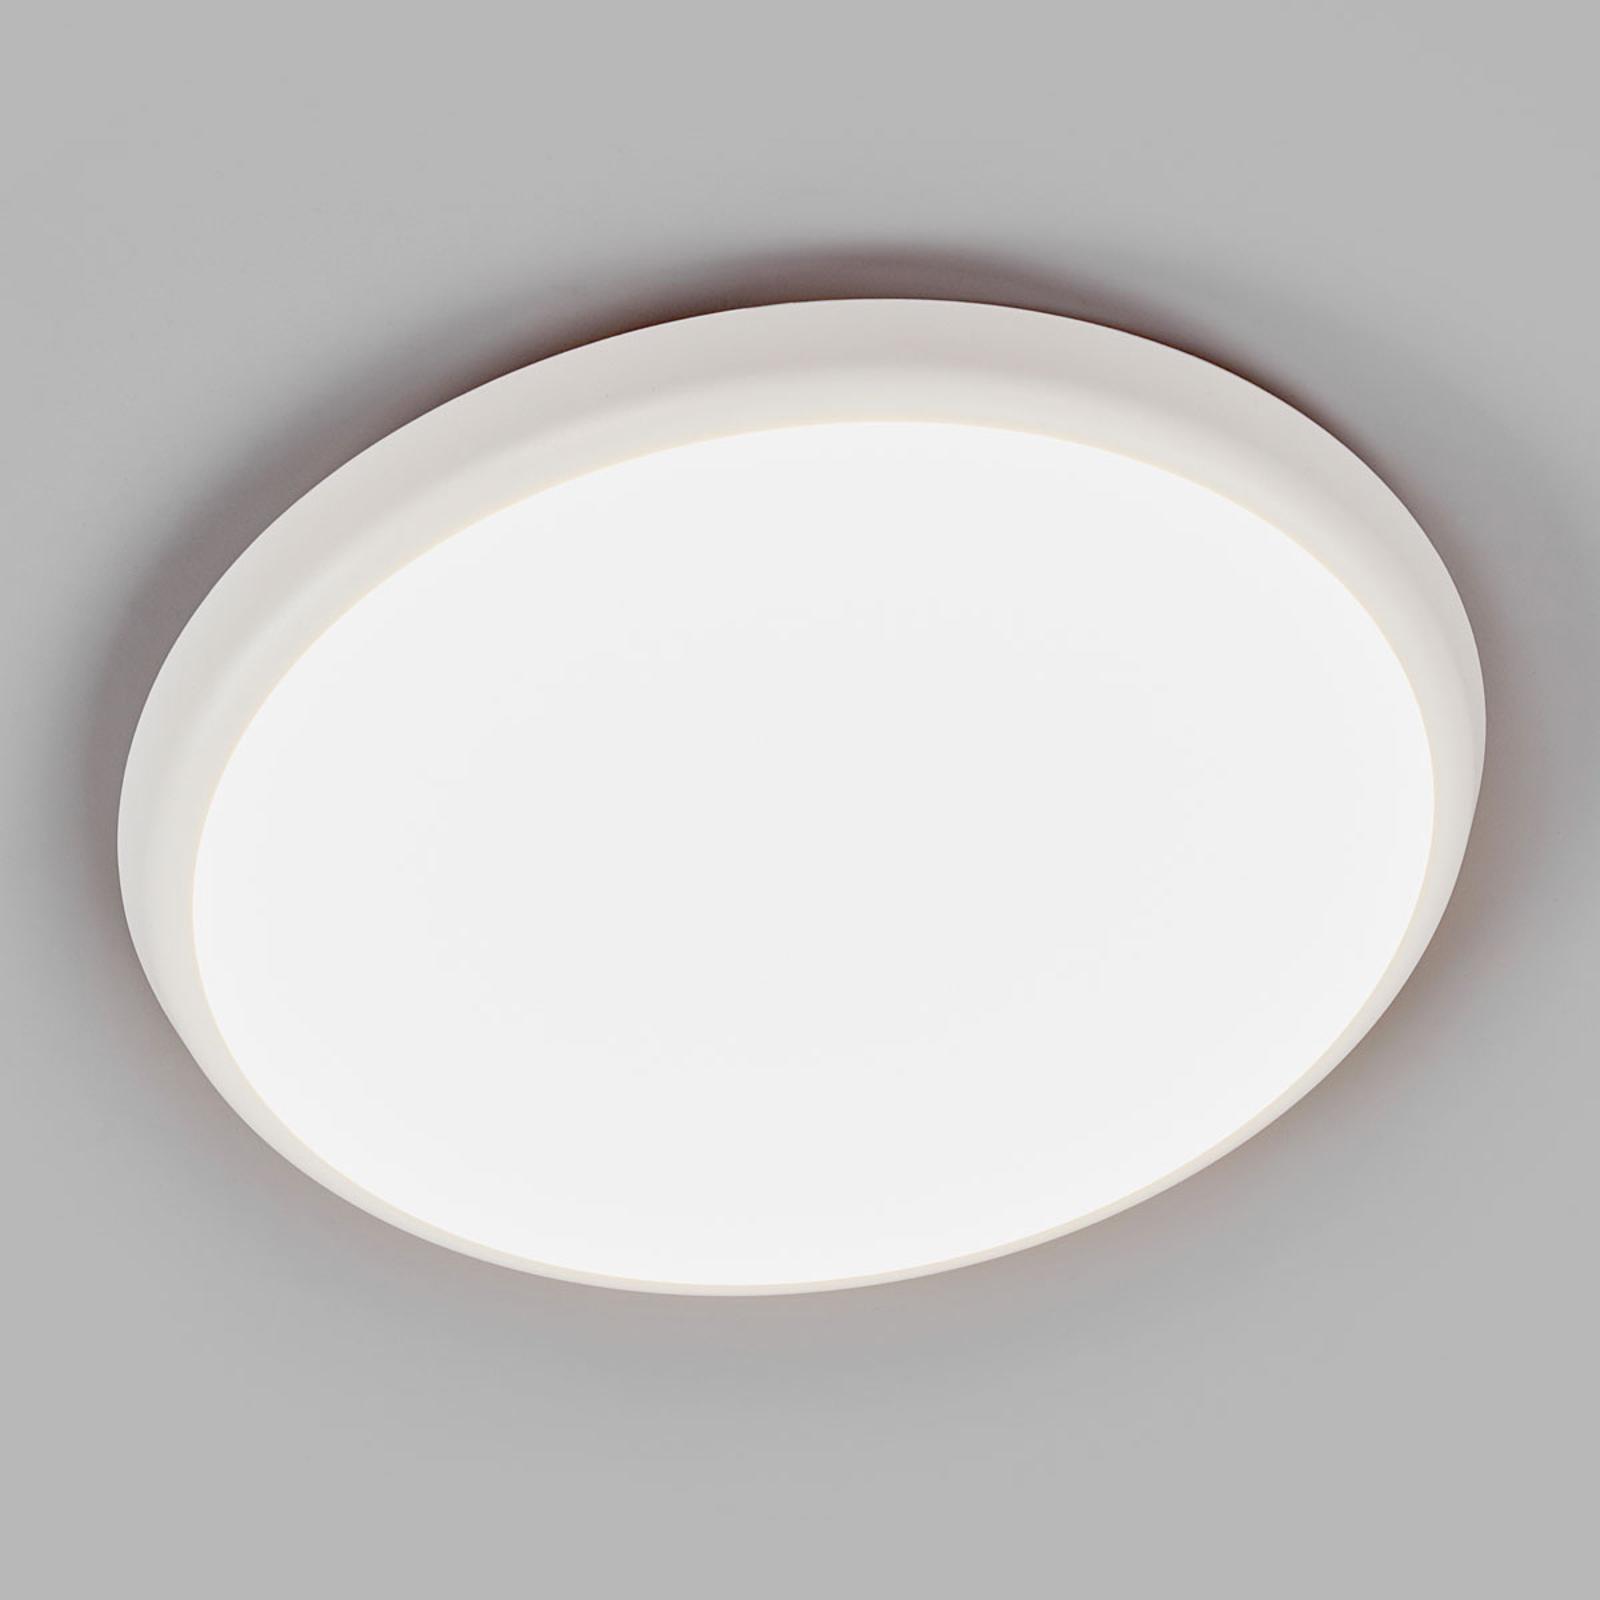 Enkel LED-taklampe Augustin, 30 cm